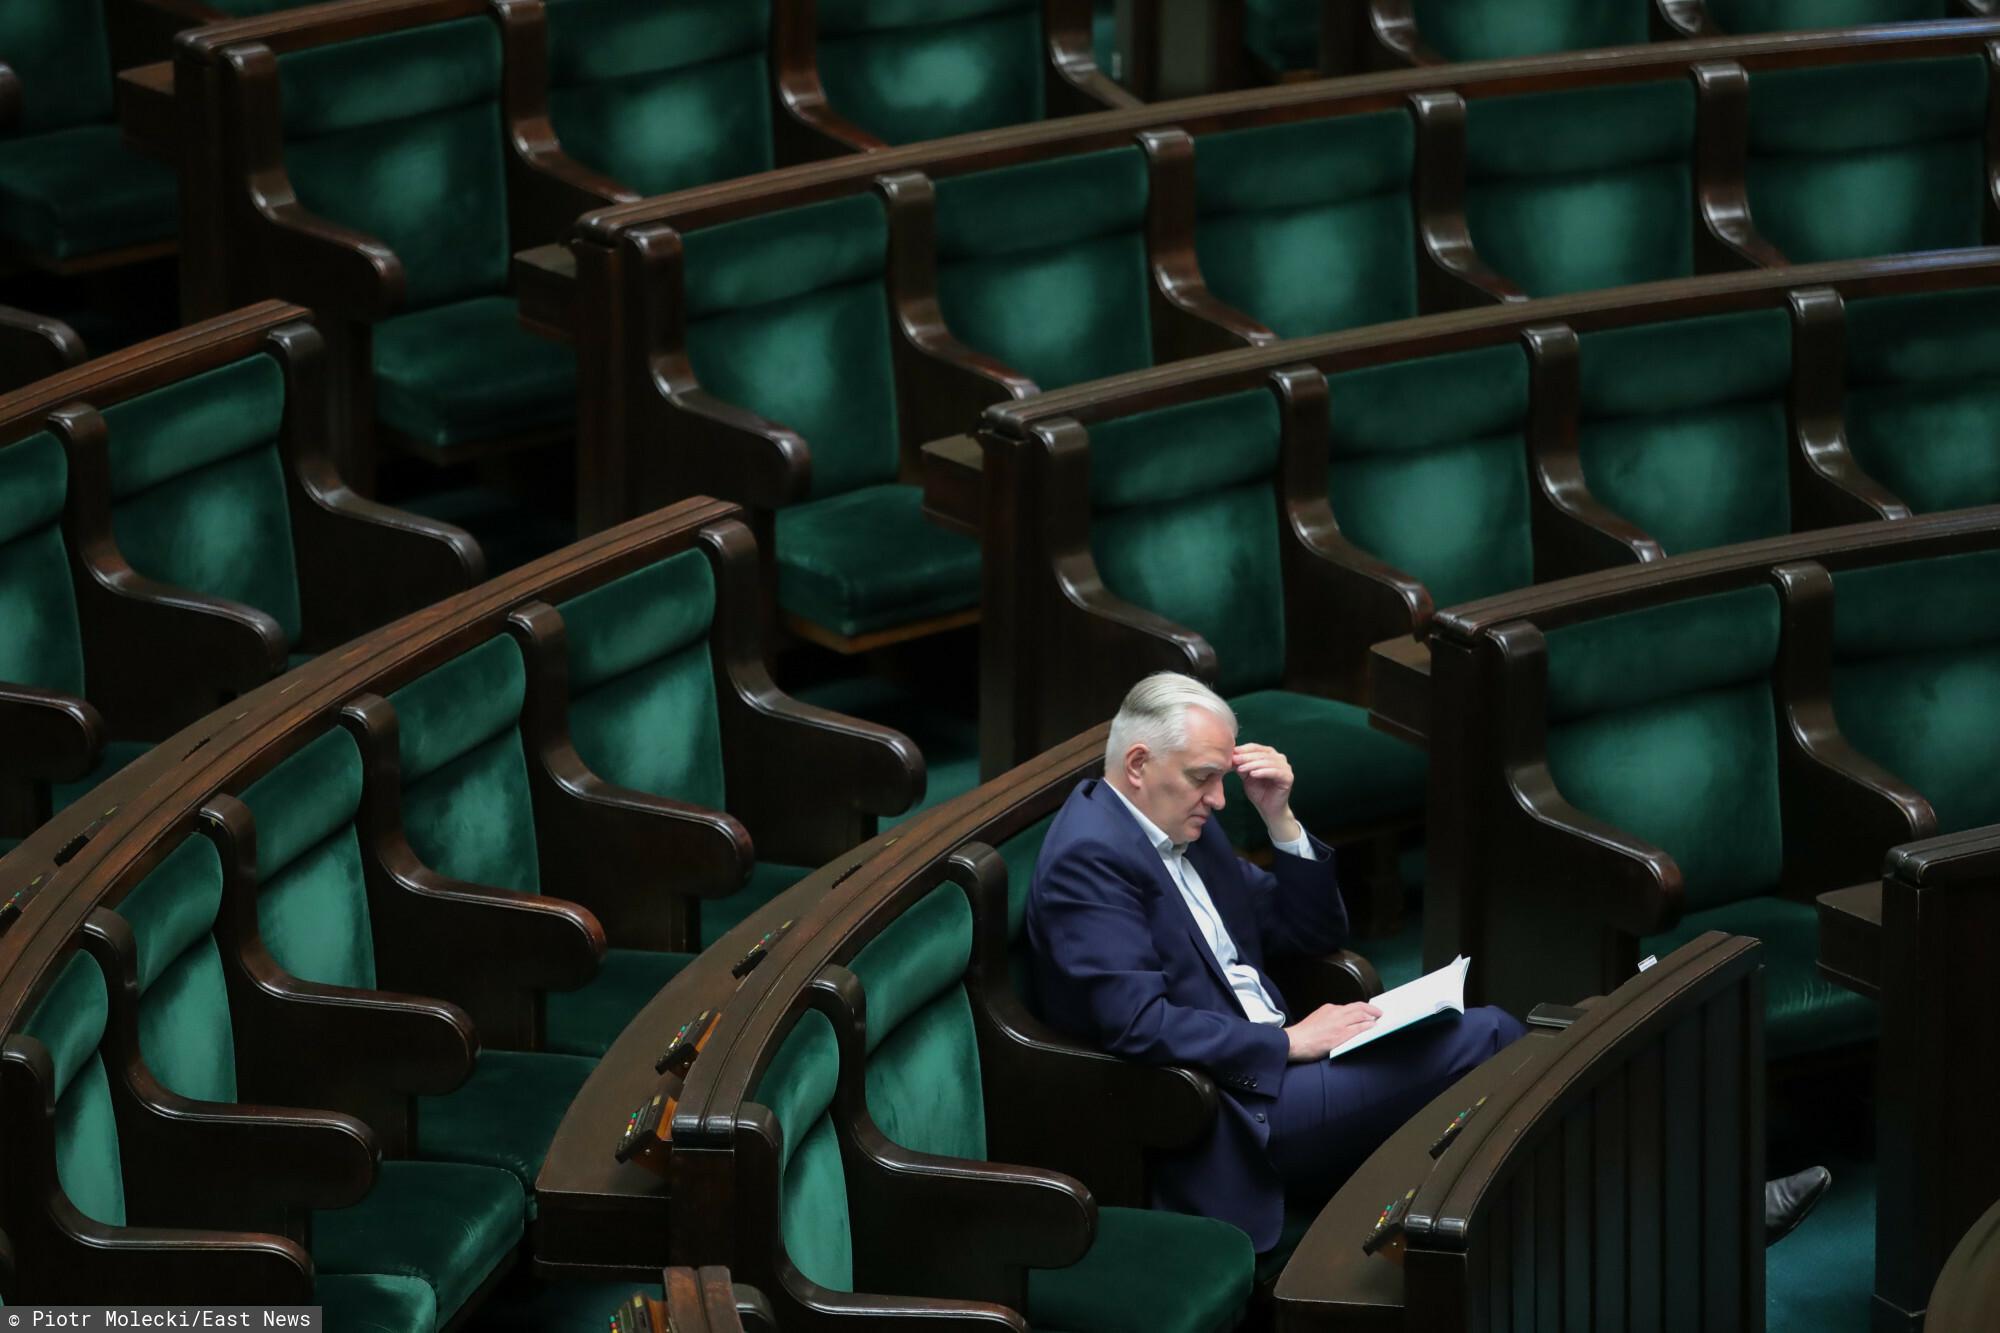 Szczere wyznanie Jarosława Gowina na temat jego sytuacji w Zjednoczonej Prawicy